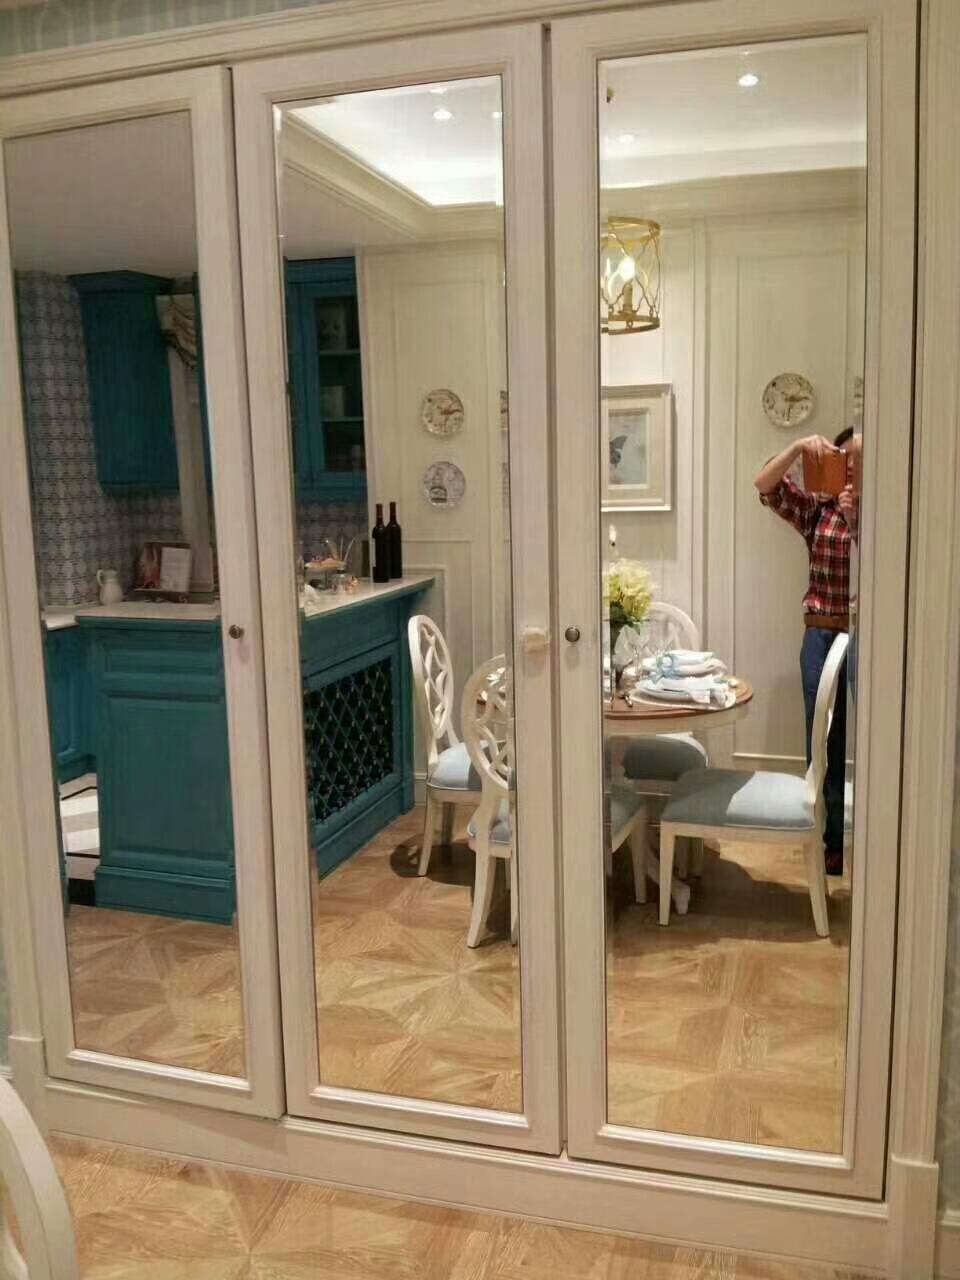 装修了五个月的房子,给大家晒晒装修后的样子,真的很漂亮了